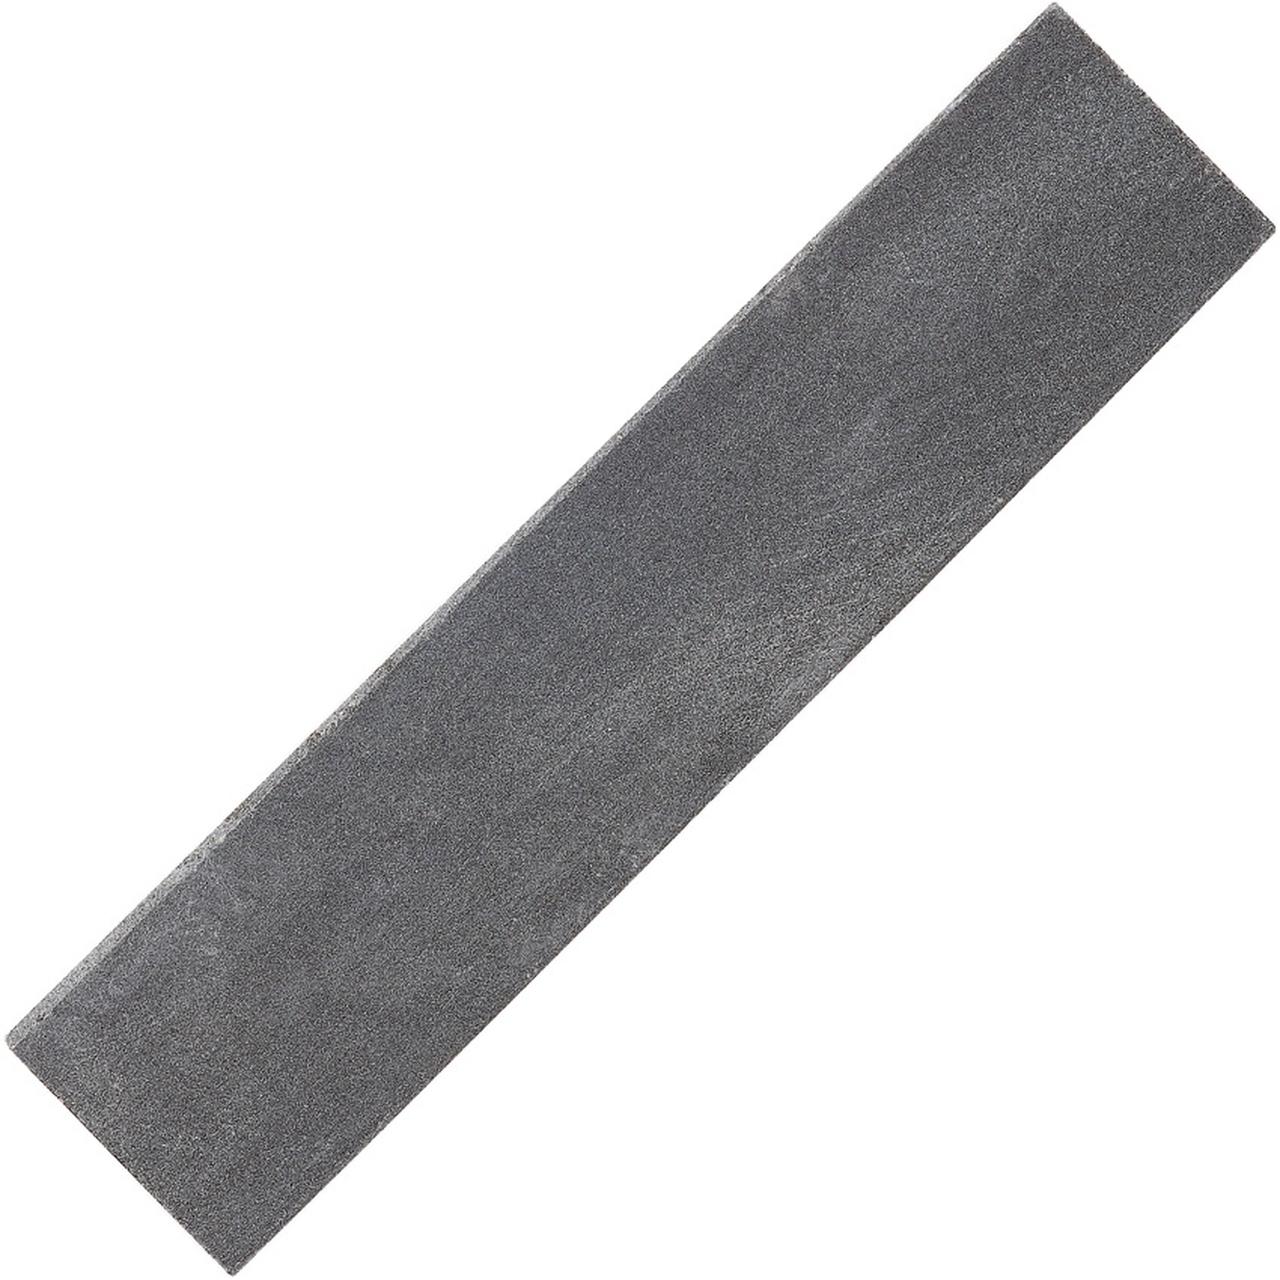 Фото 5 - Камень точильный Opinel , 10 см, блистер, 001837